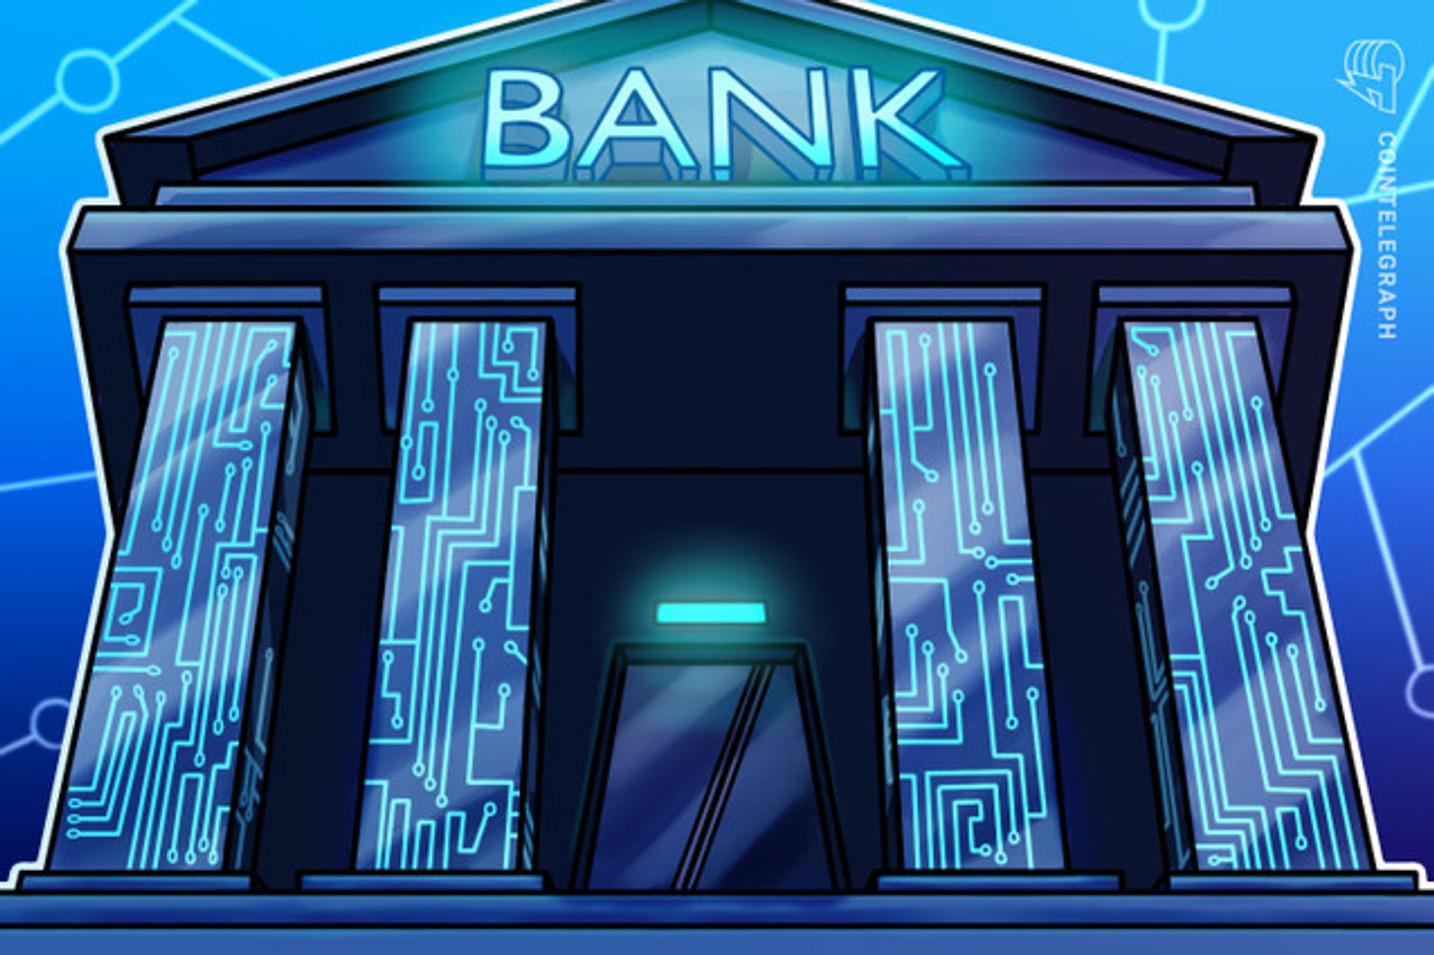 BNY Mellon abre una nueva sucursal en España y coloca a experto Blockchain al frente